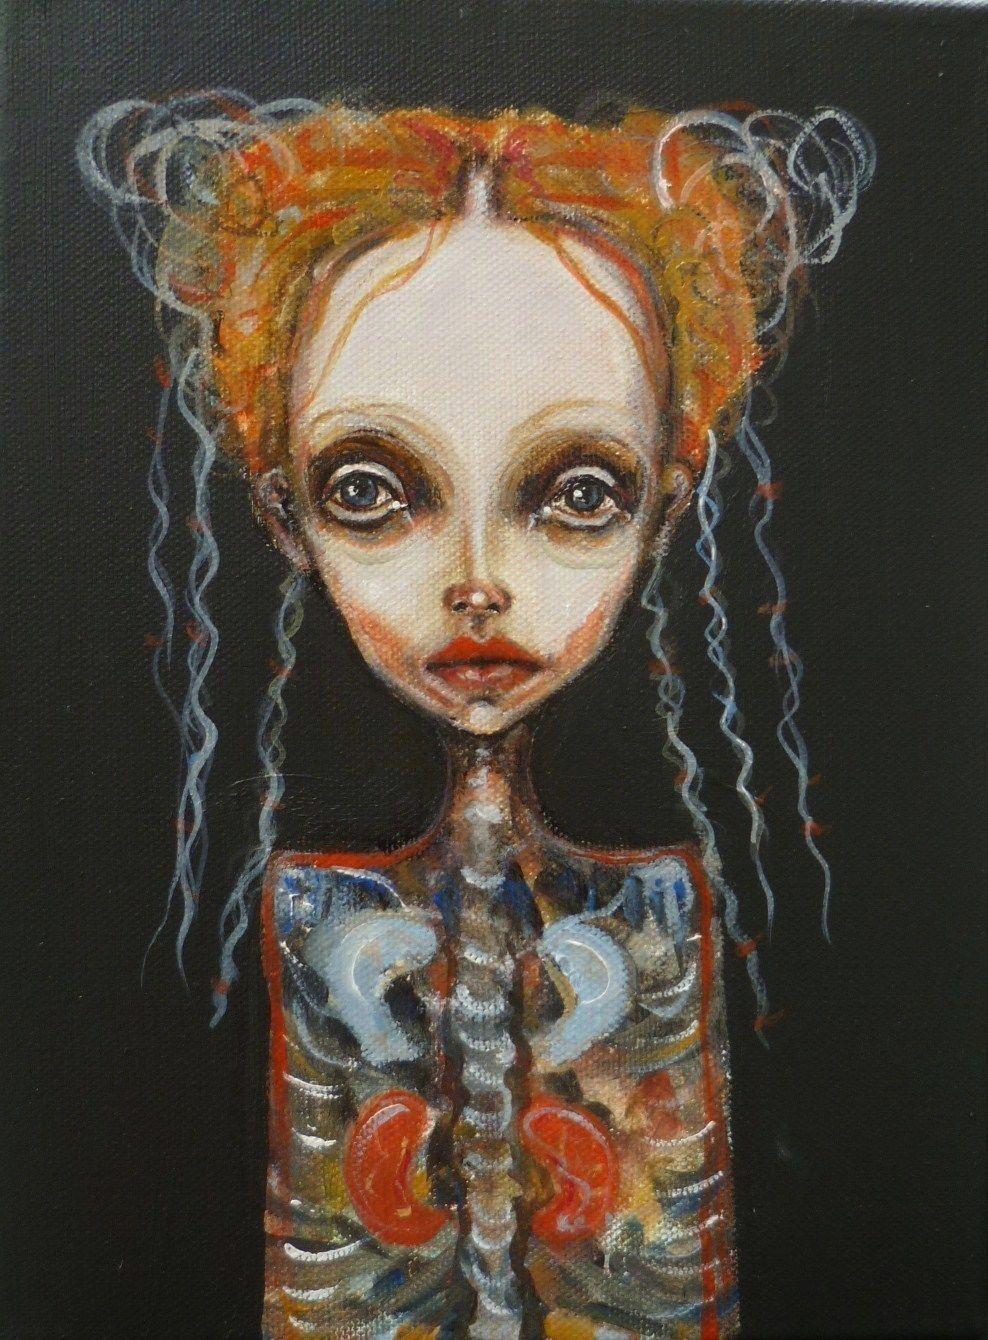 portrait - Mädchen, Anatomie, Schwarz, Figurativ von BasiaB bei KunstNet